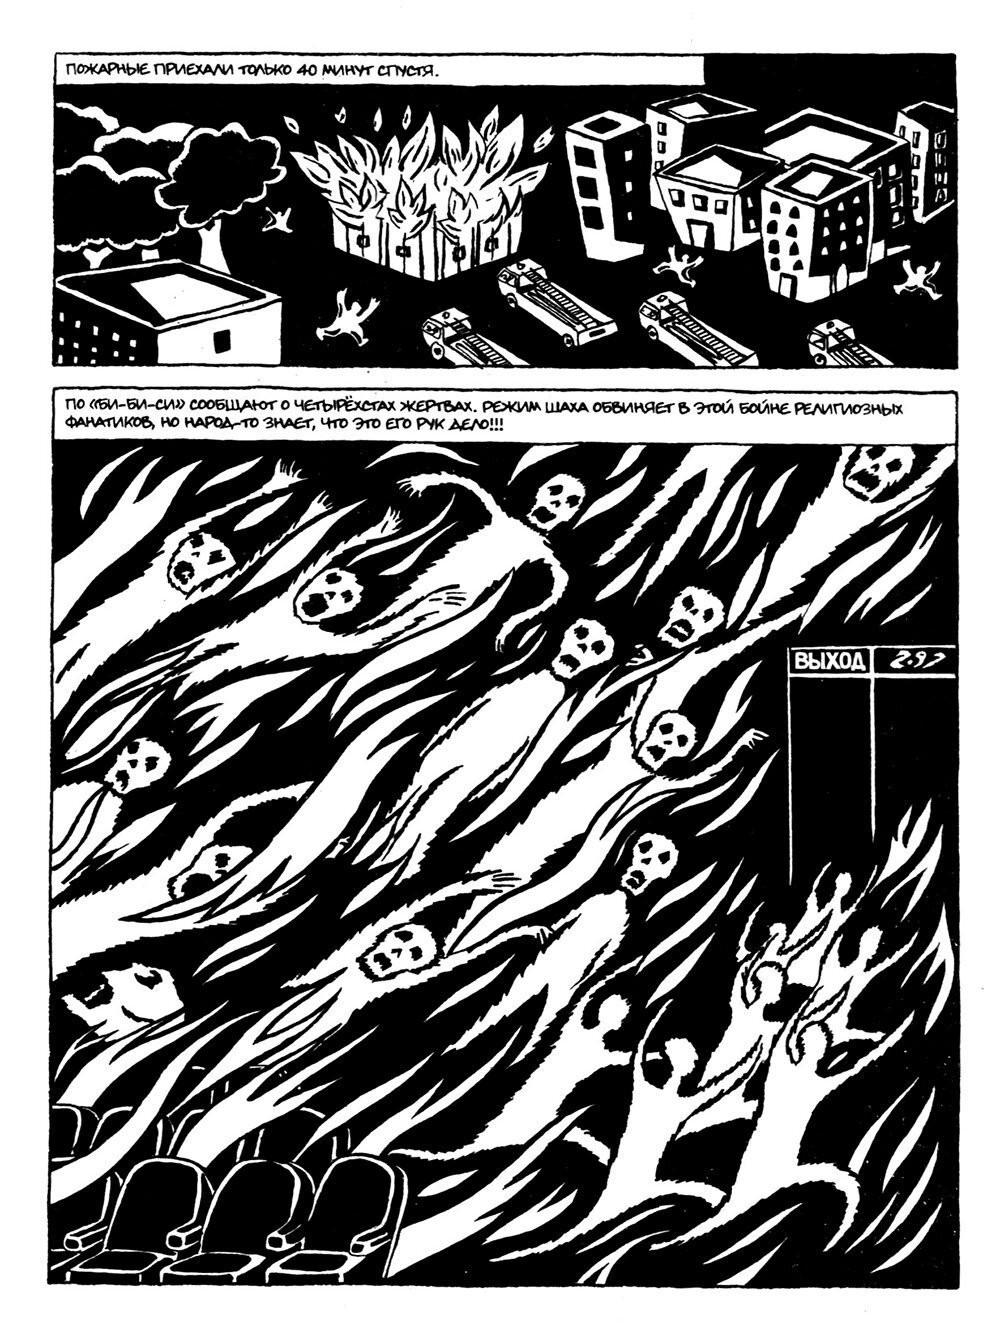 Исторический комикс Персеполис, Маржан Сатрапи. Том 1. Страница 14. Блог о комиксах Vaes Okshn